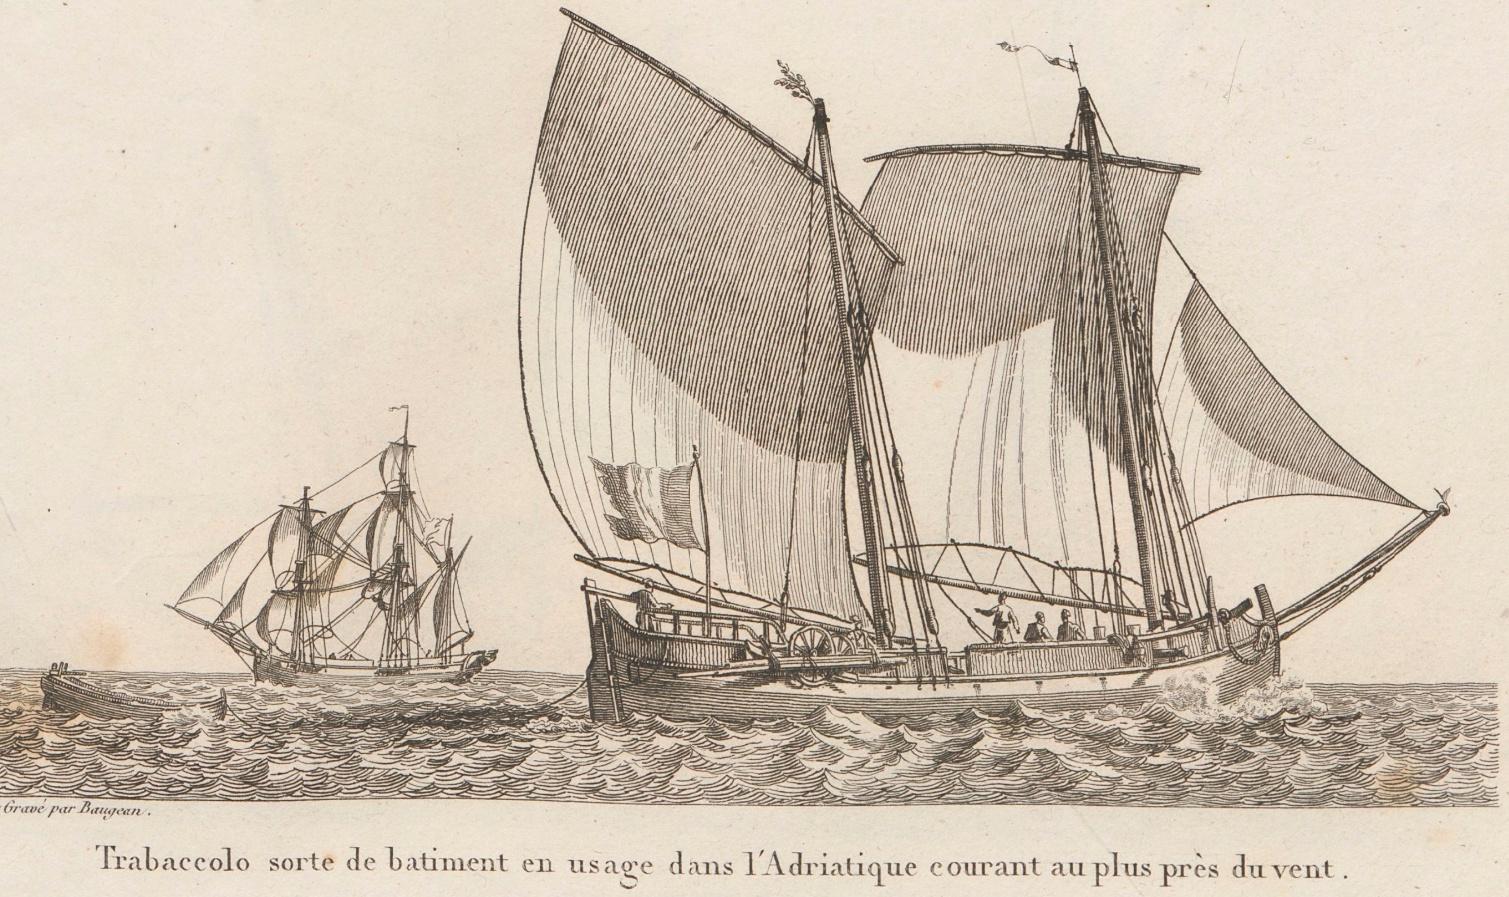 Fichier:Trabaccolo, navire de l'Adriatique, début du XIXème siècle.jpg —  Wikipédia